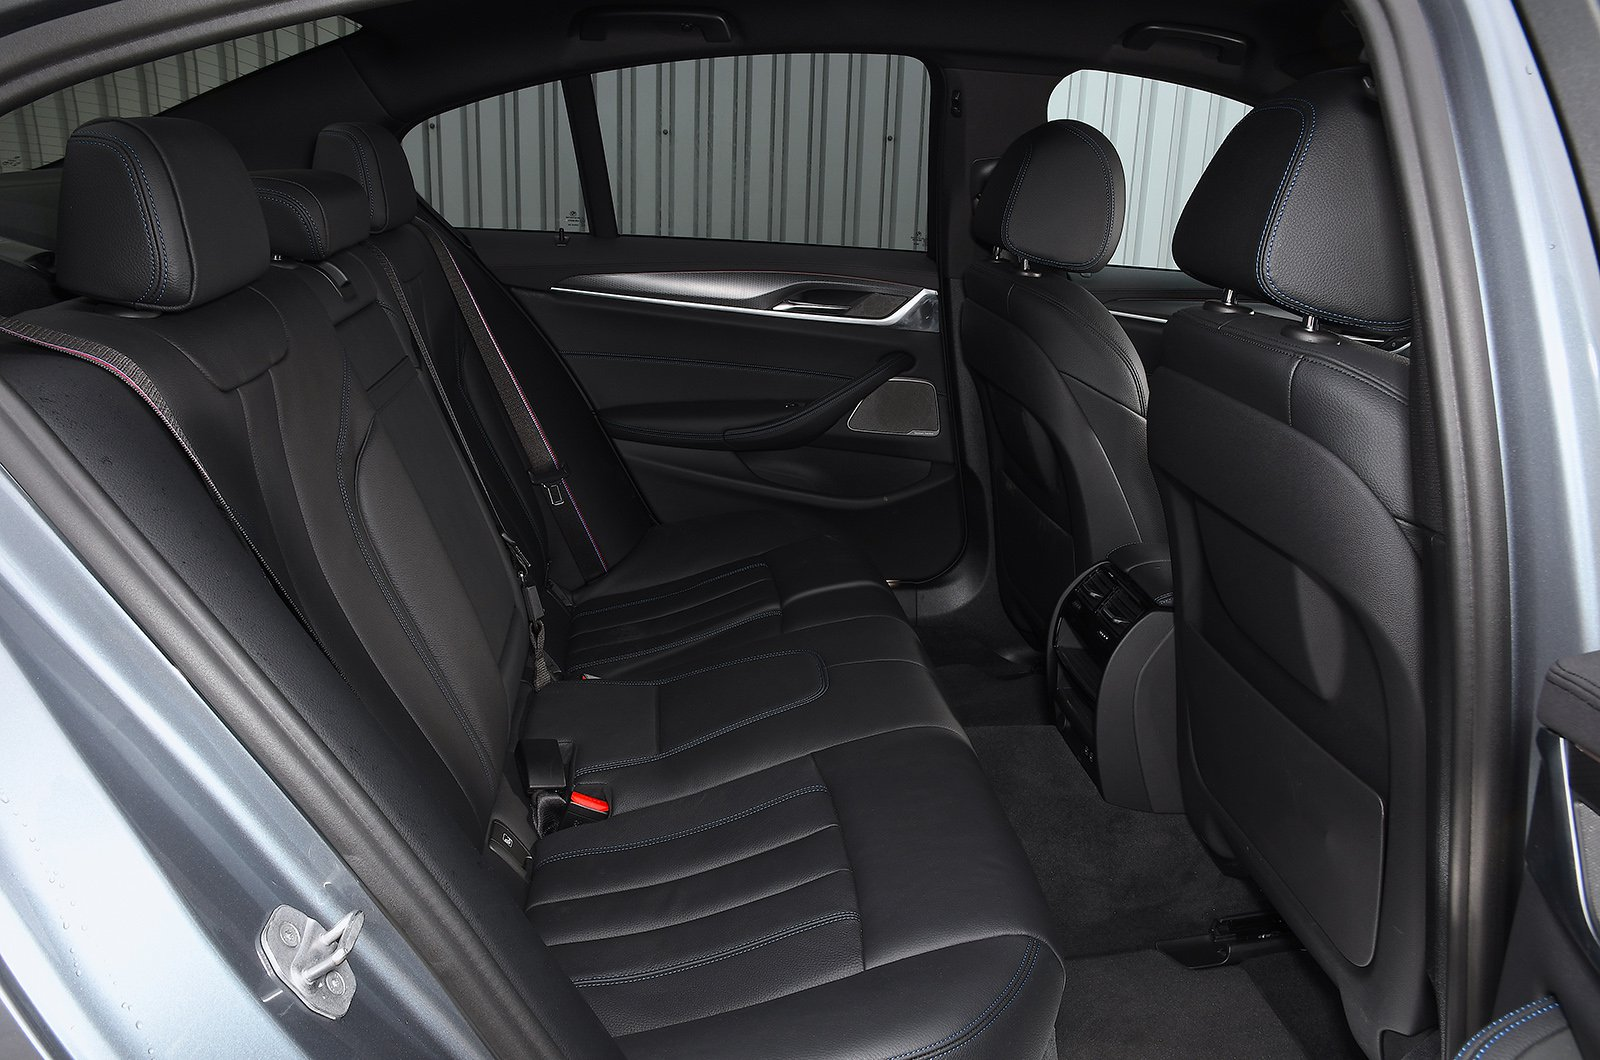 BMW 530e rear seats